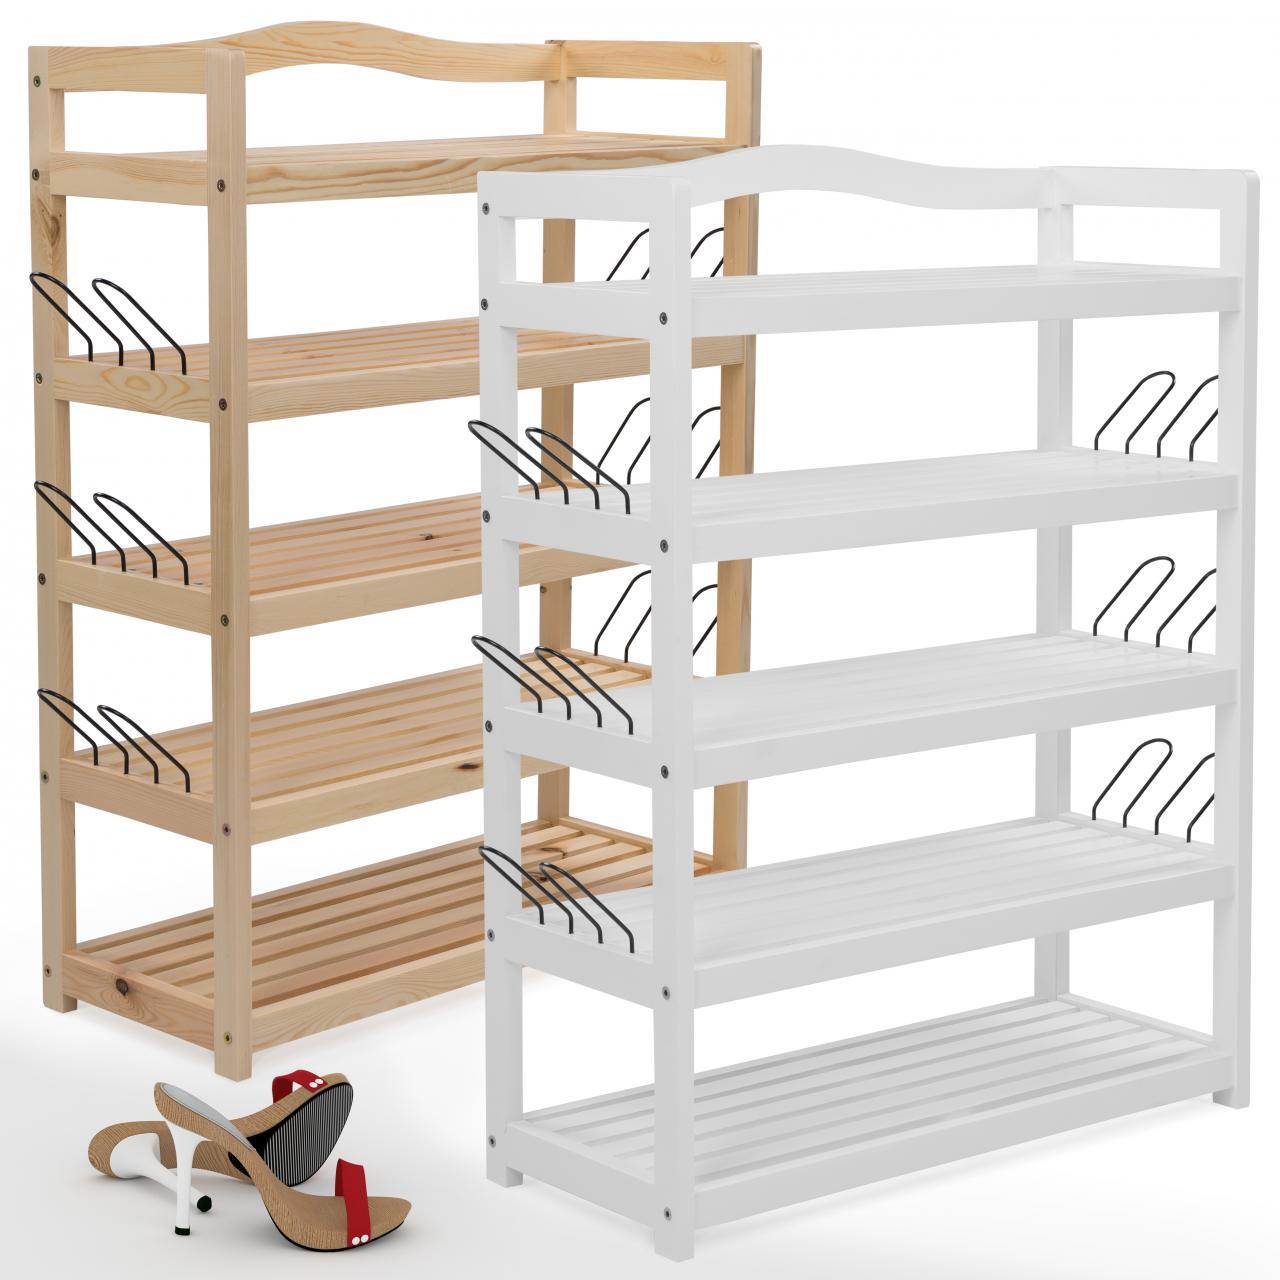 schuhregal schuhschrank schuhbank schuhst nder schuh regal holz schuhablage ebay. Black Bedroom Furniture Sets. Home Design Ideas